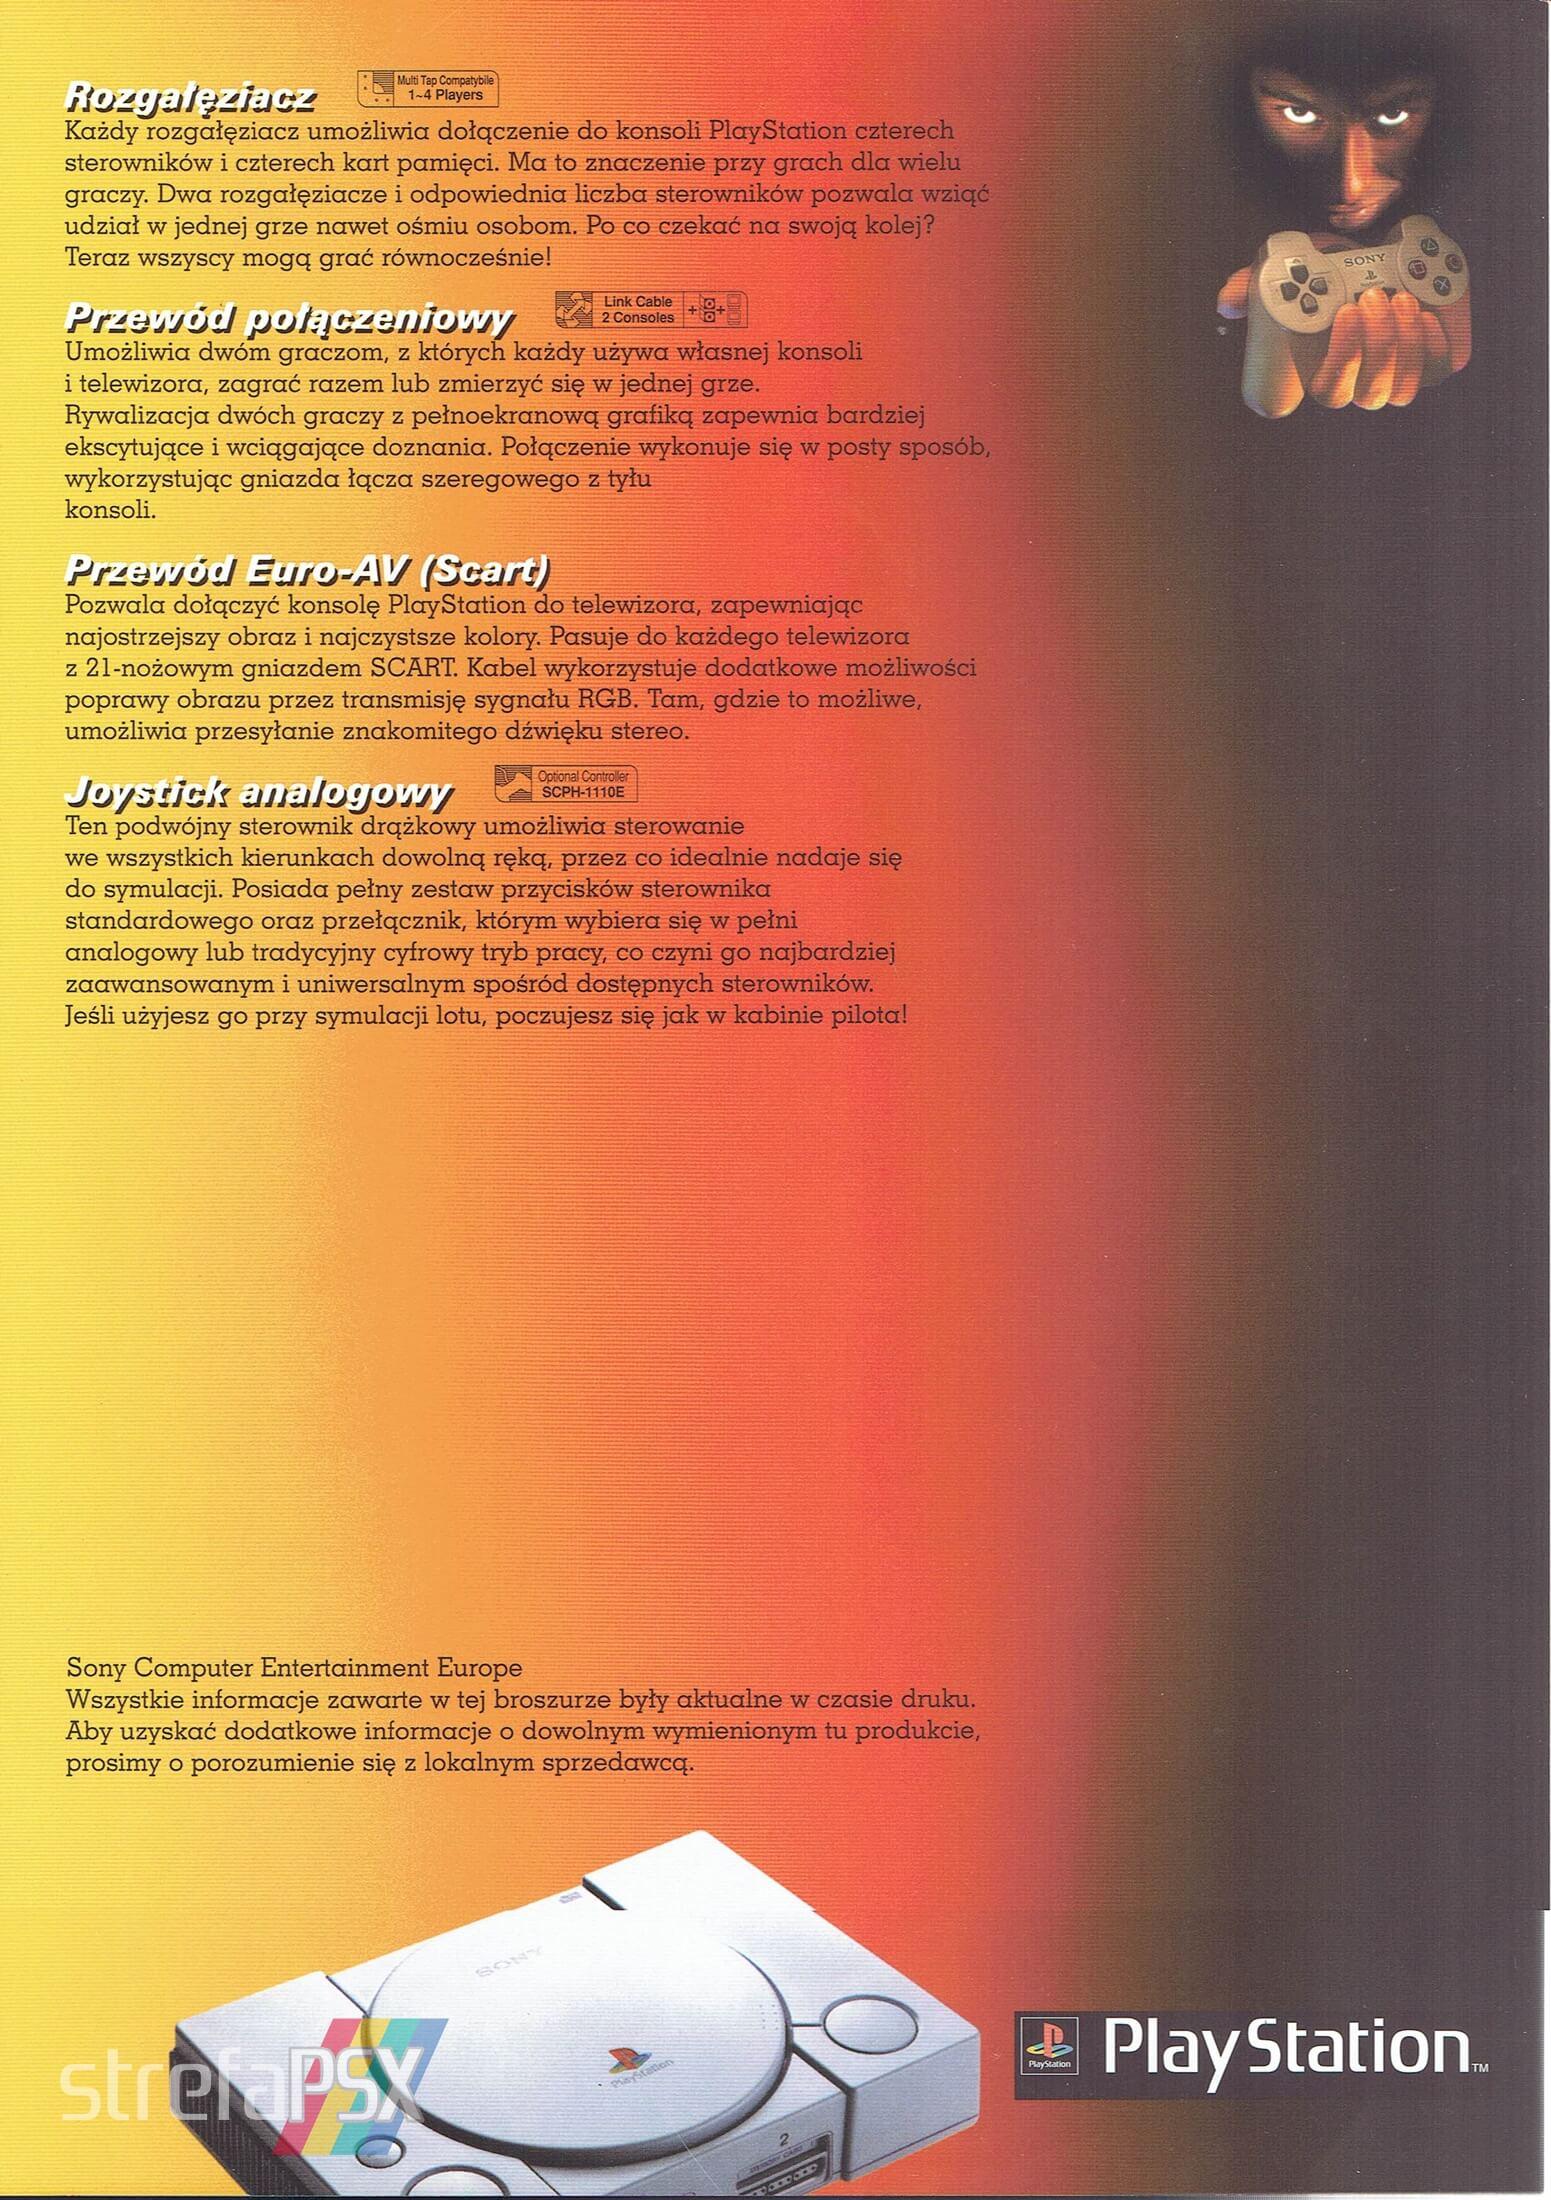 broszura reklamowa psx 08 - Broszury reklamowe PlayStation z dawnych lat